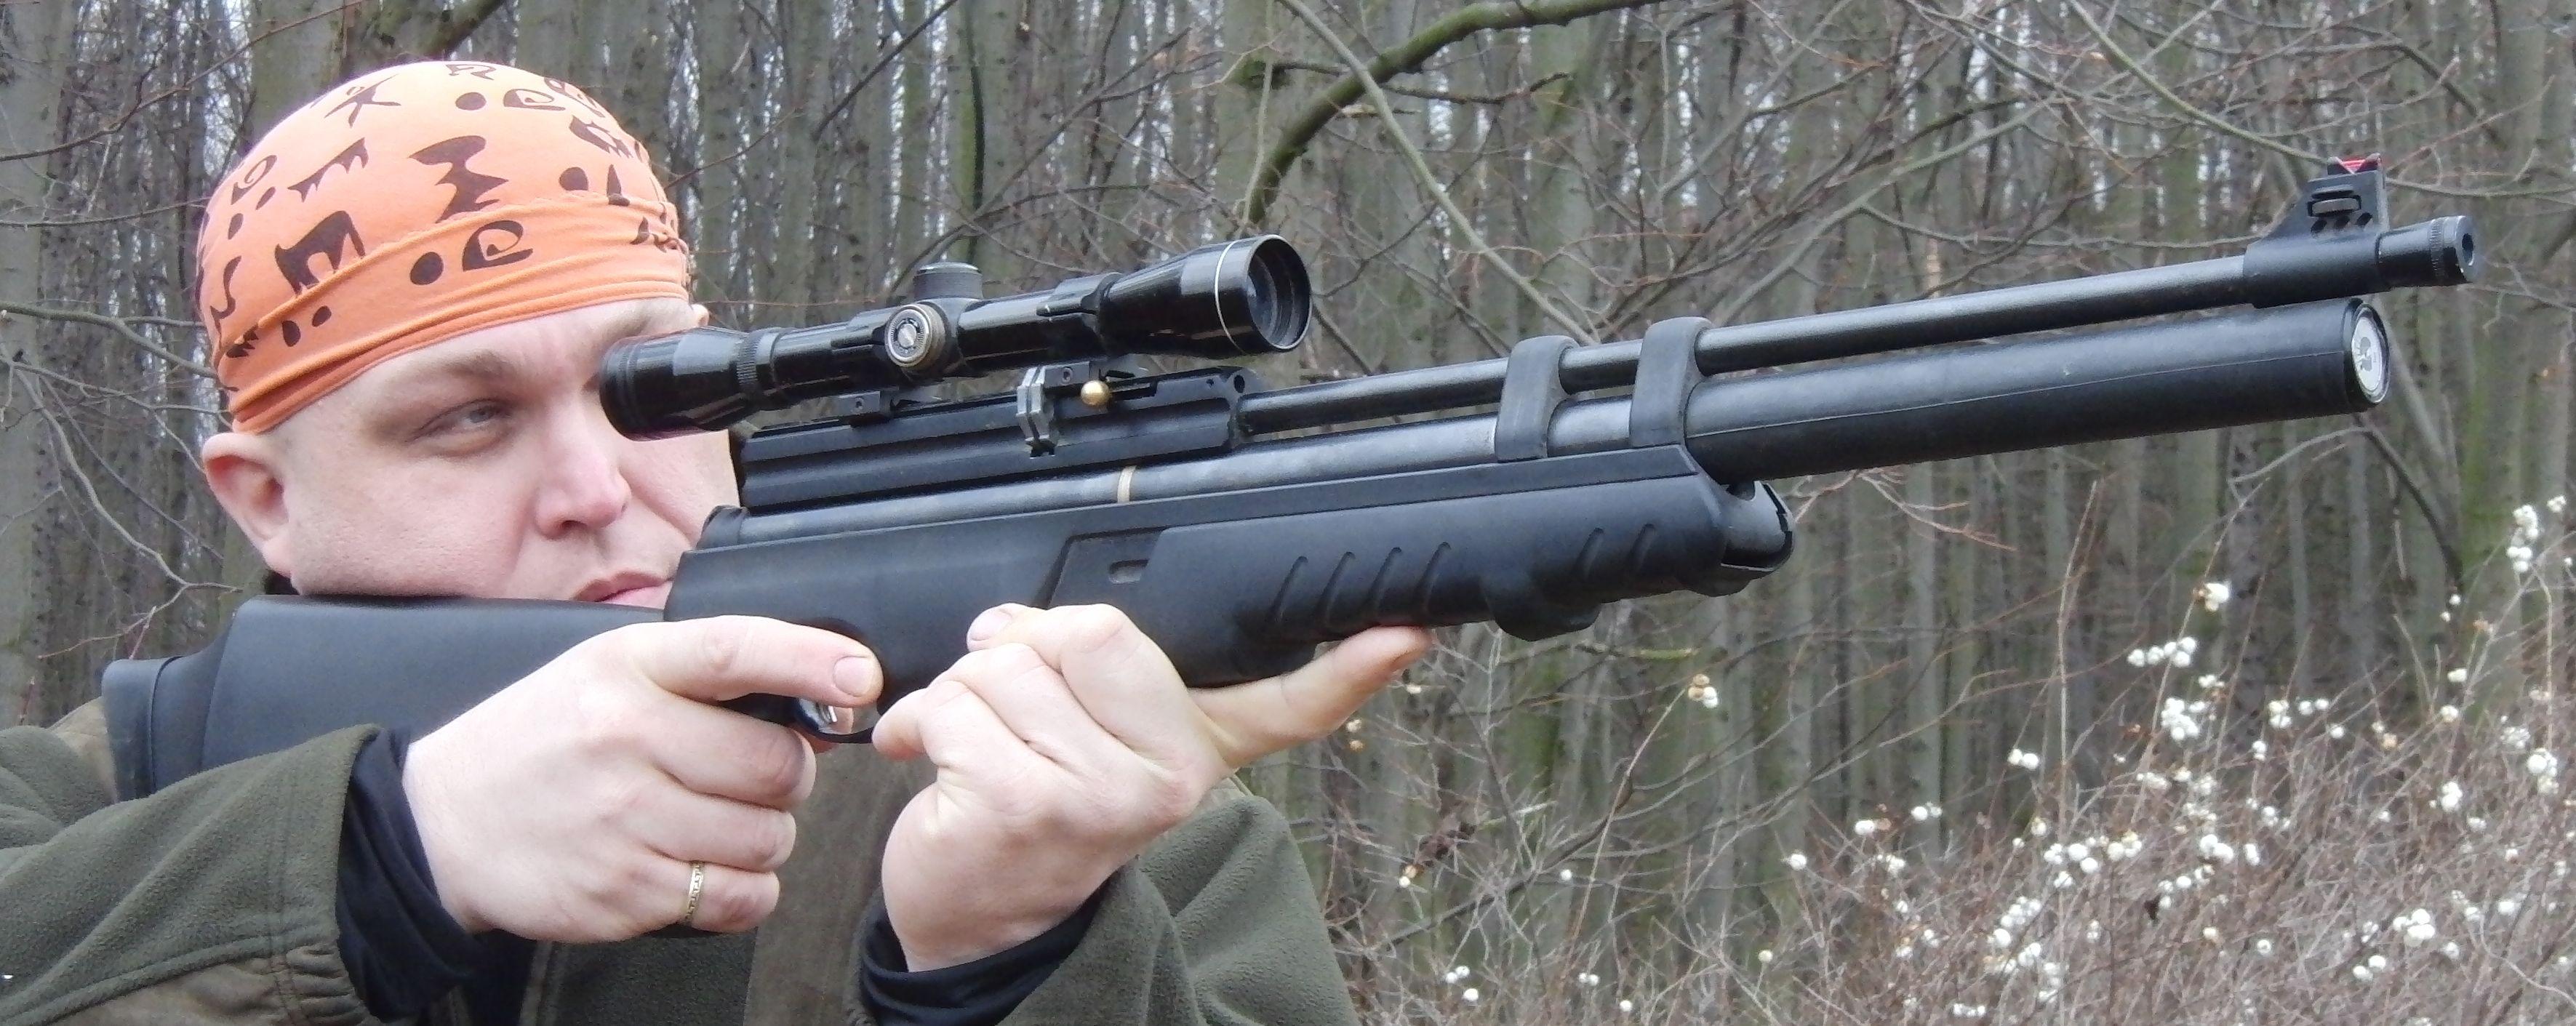 Hatsan AT44-10 QE Air Rifle | Pyramyd Air